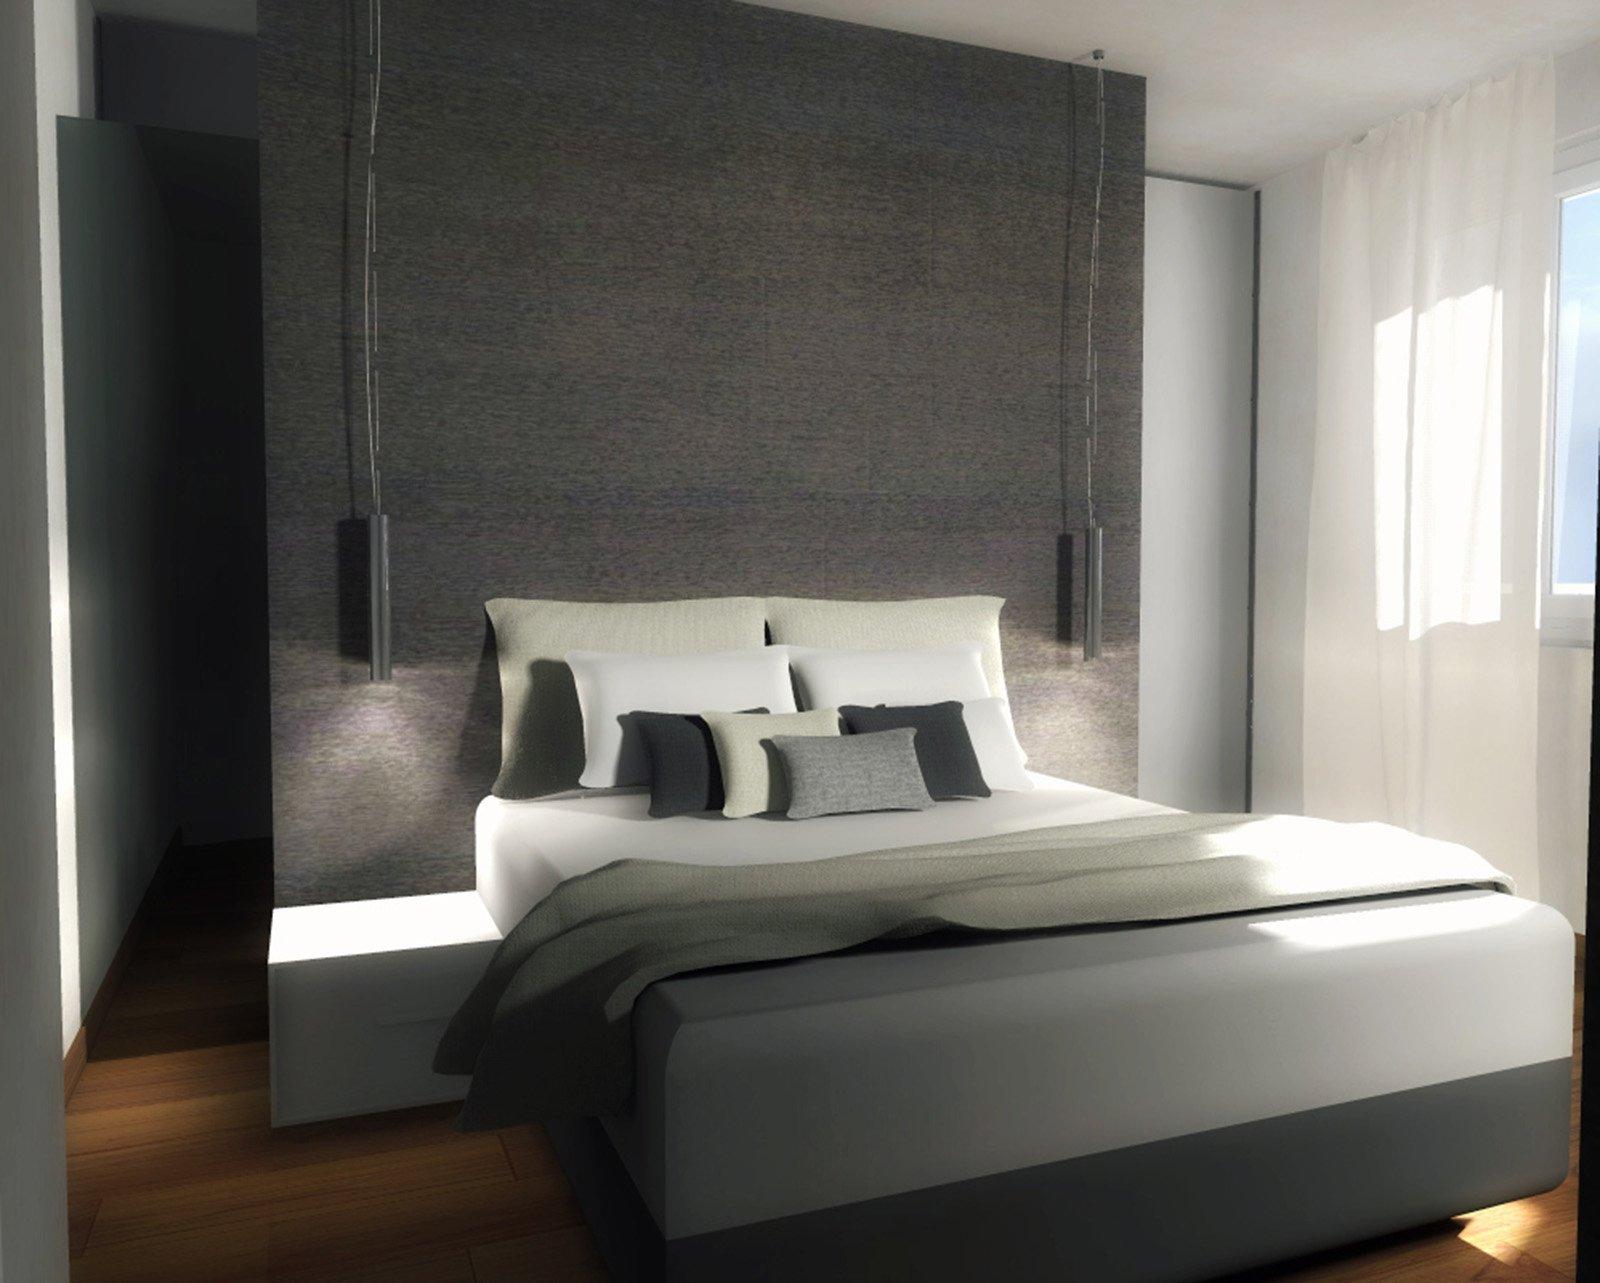 Offerte camerette a ponte ikea prezzo - Idee armadio camera da letto ...